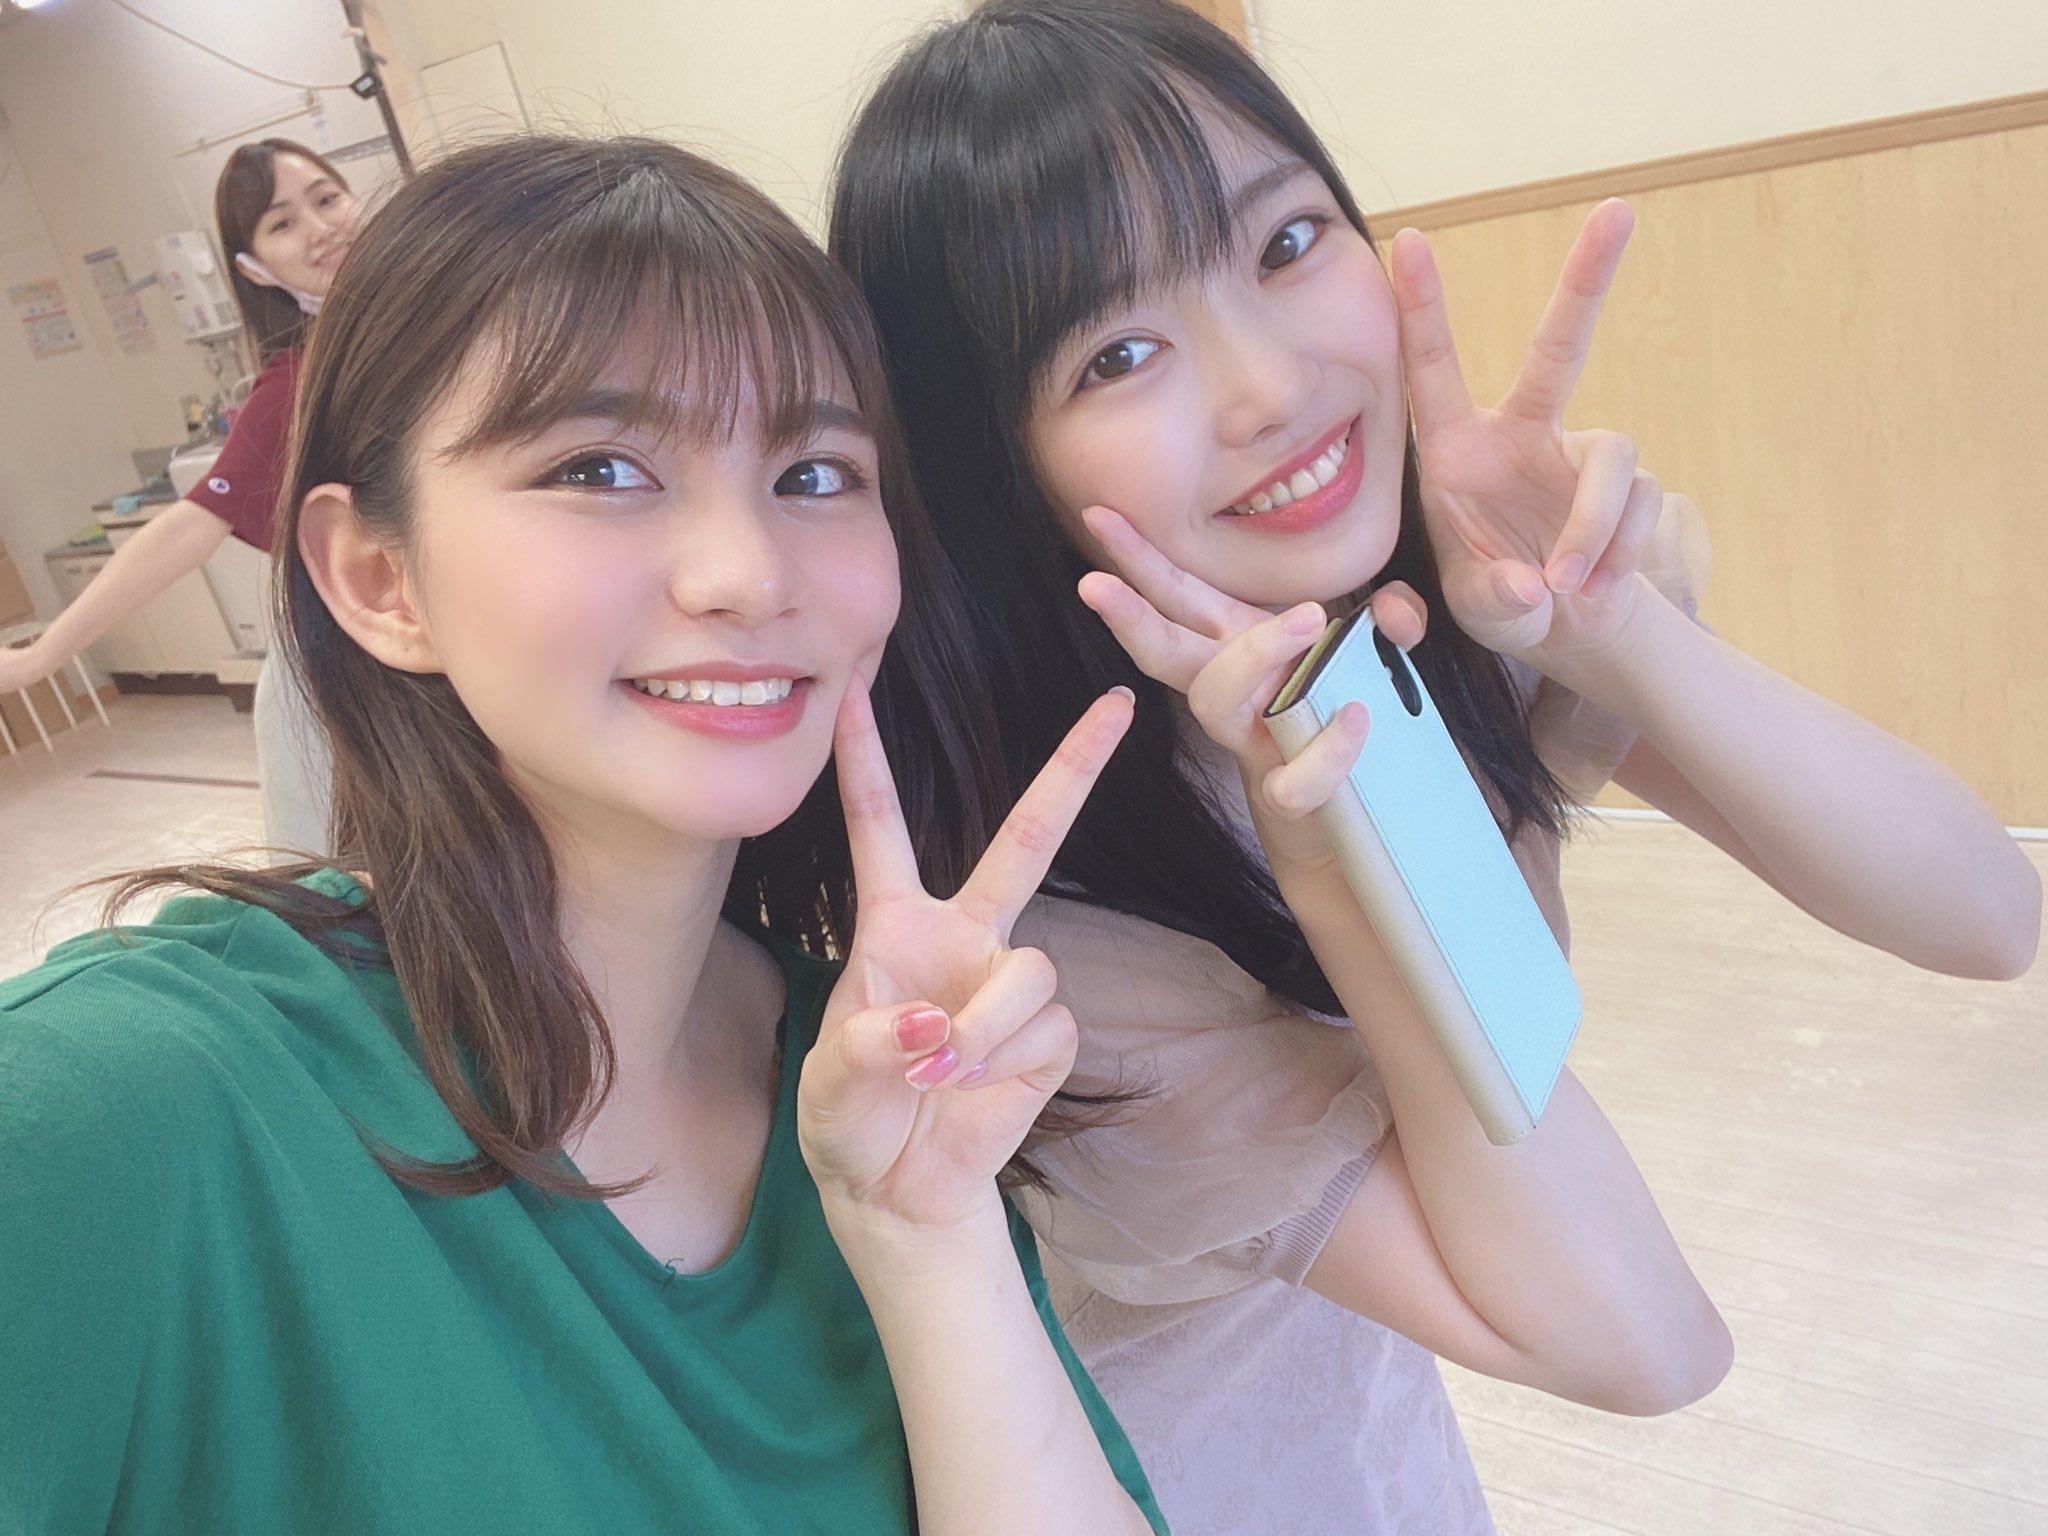 pon_chan216 1270594970622156801_p0